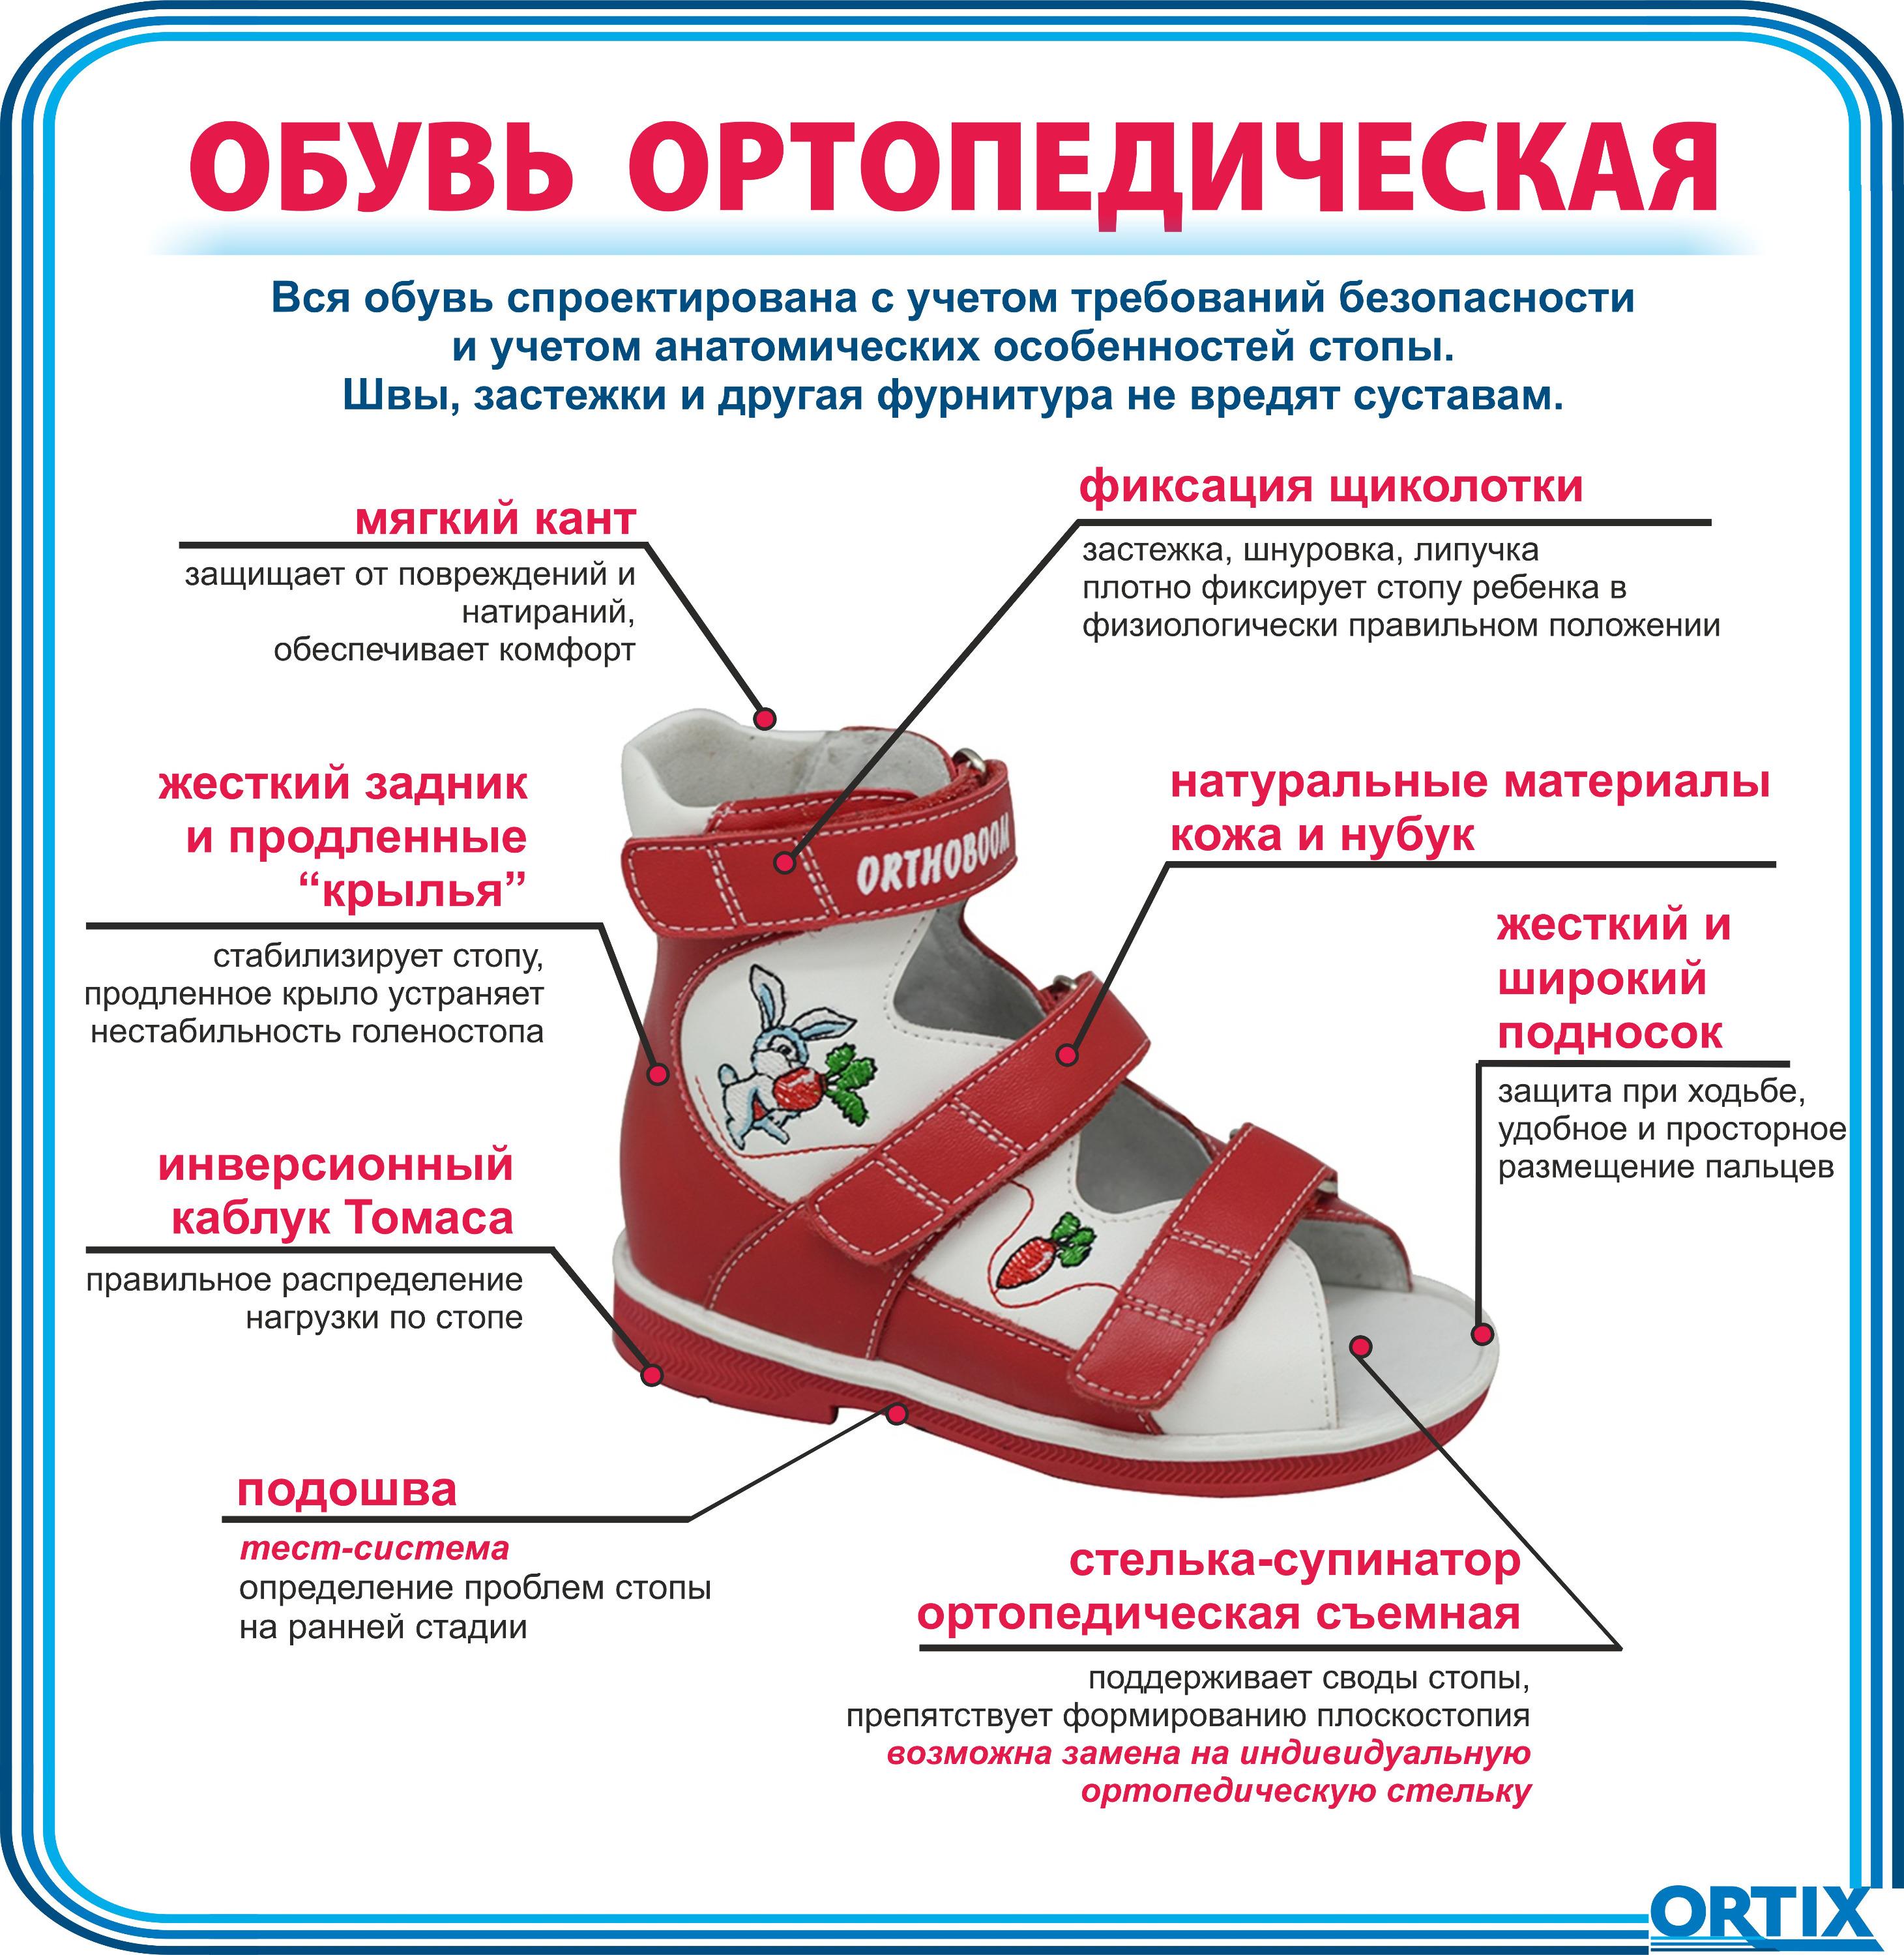 8972f1d31 Скидки до 40%: в Екатеринбурге пройдет распродажа детской ортопедической  обуви